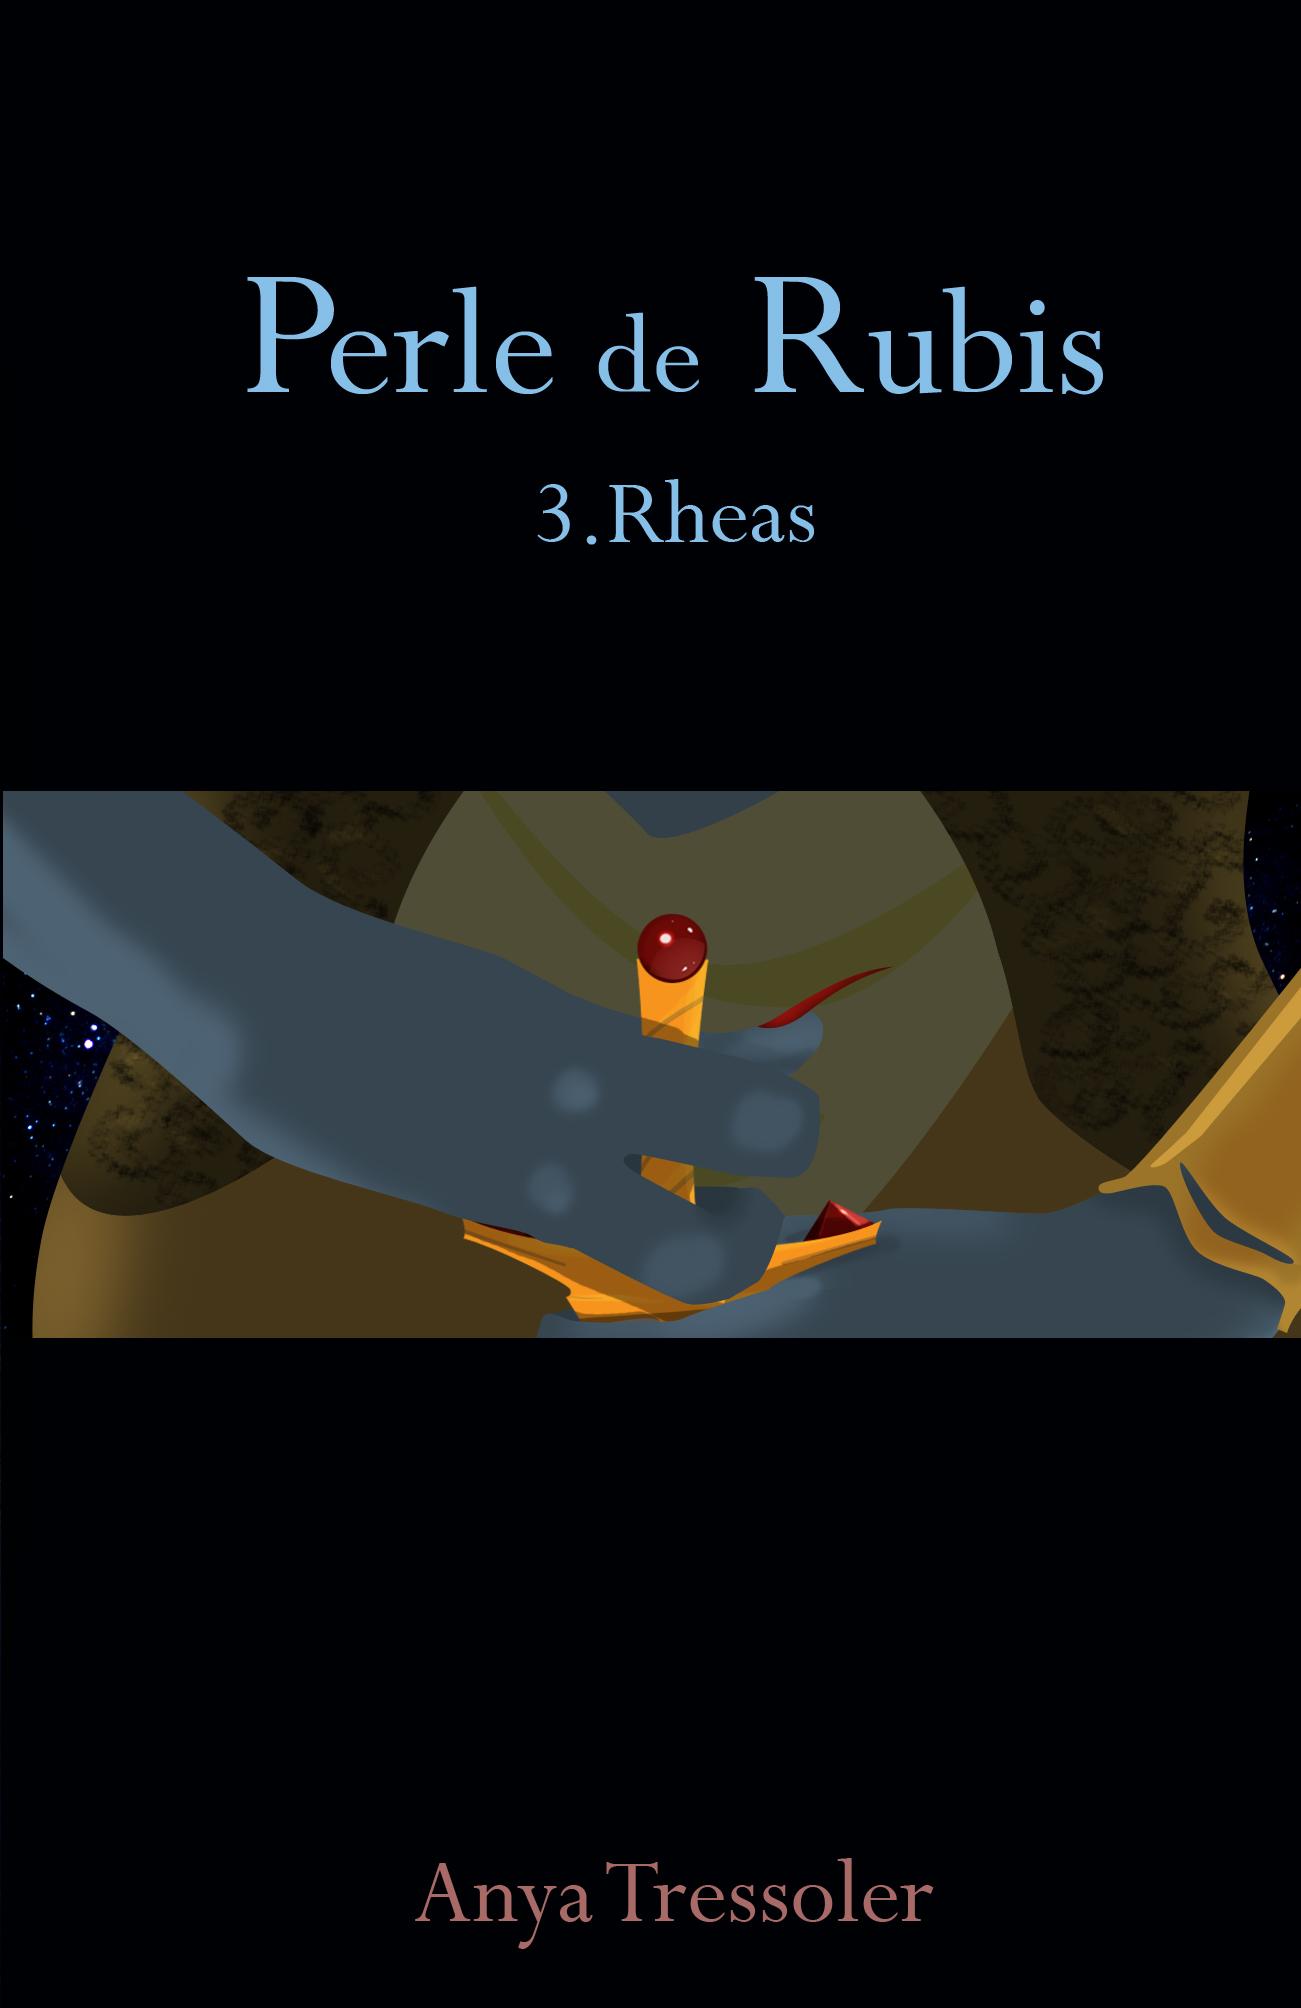 Perle de Rubis - 3.Rheas